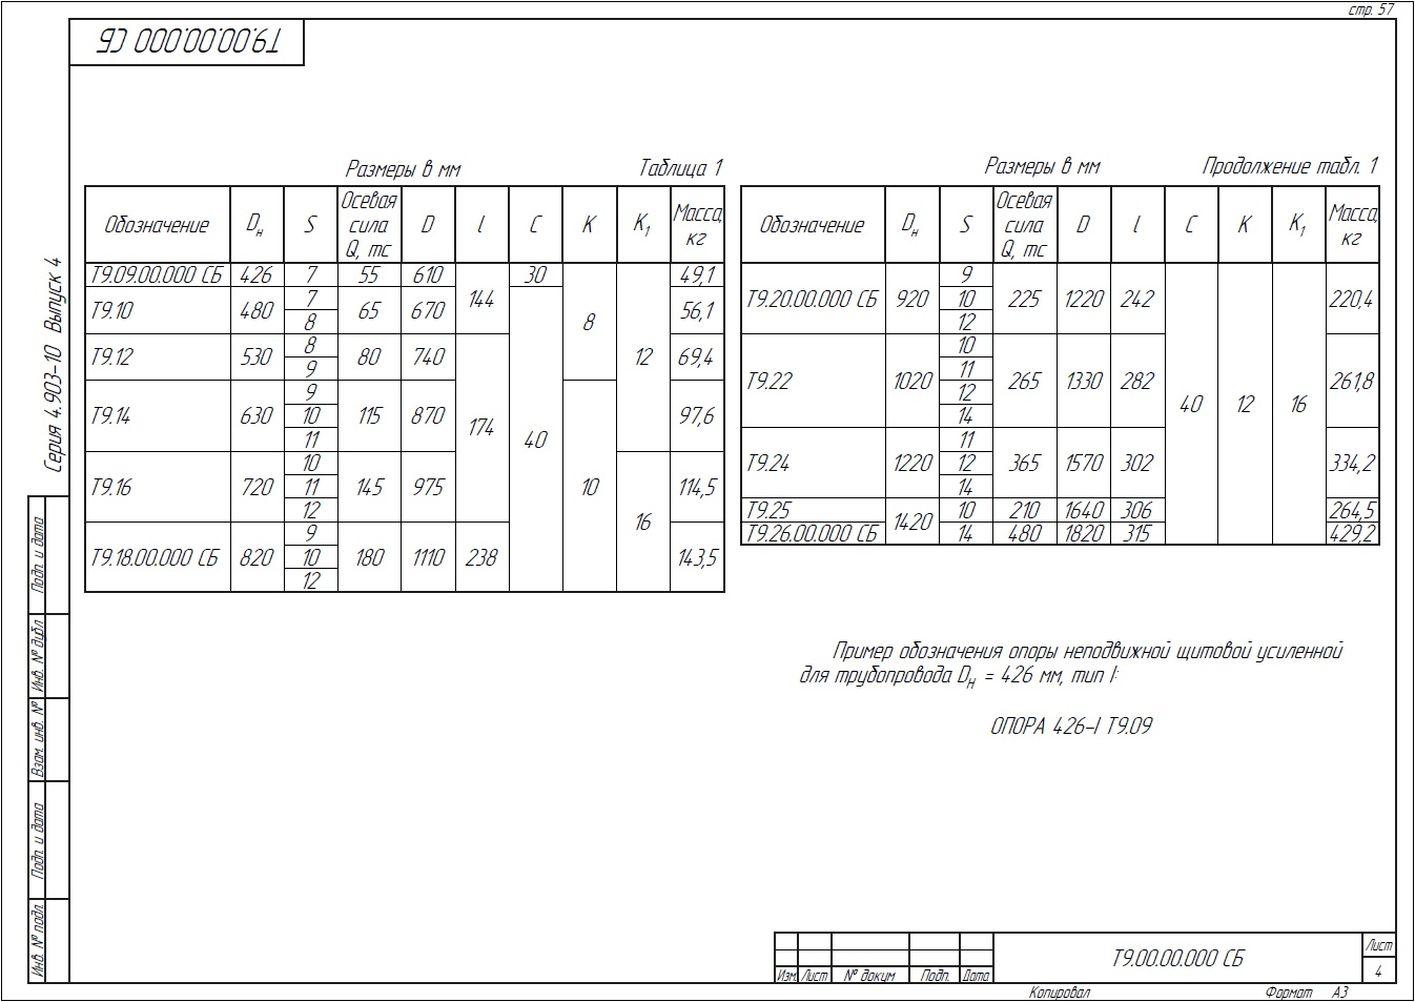 Опора неподвижная щитовая усиленная Т9 серия 4.903-10 вып.4 стр.4